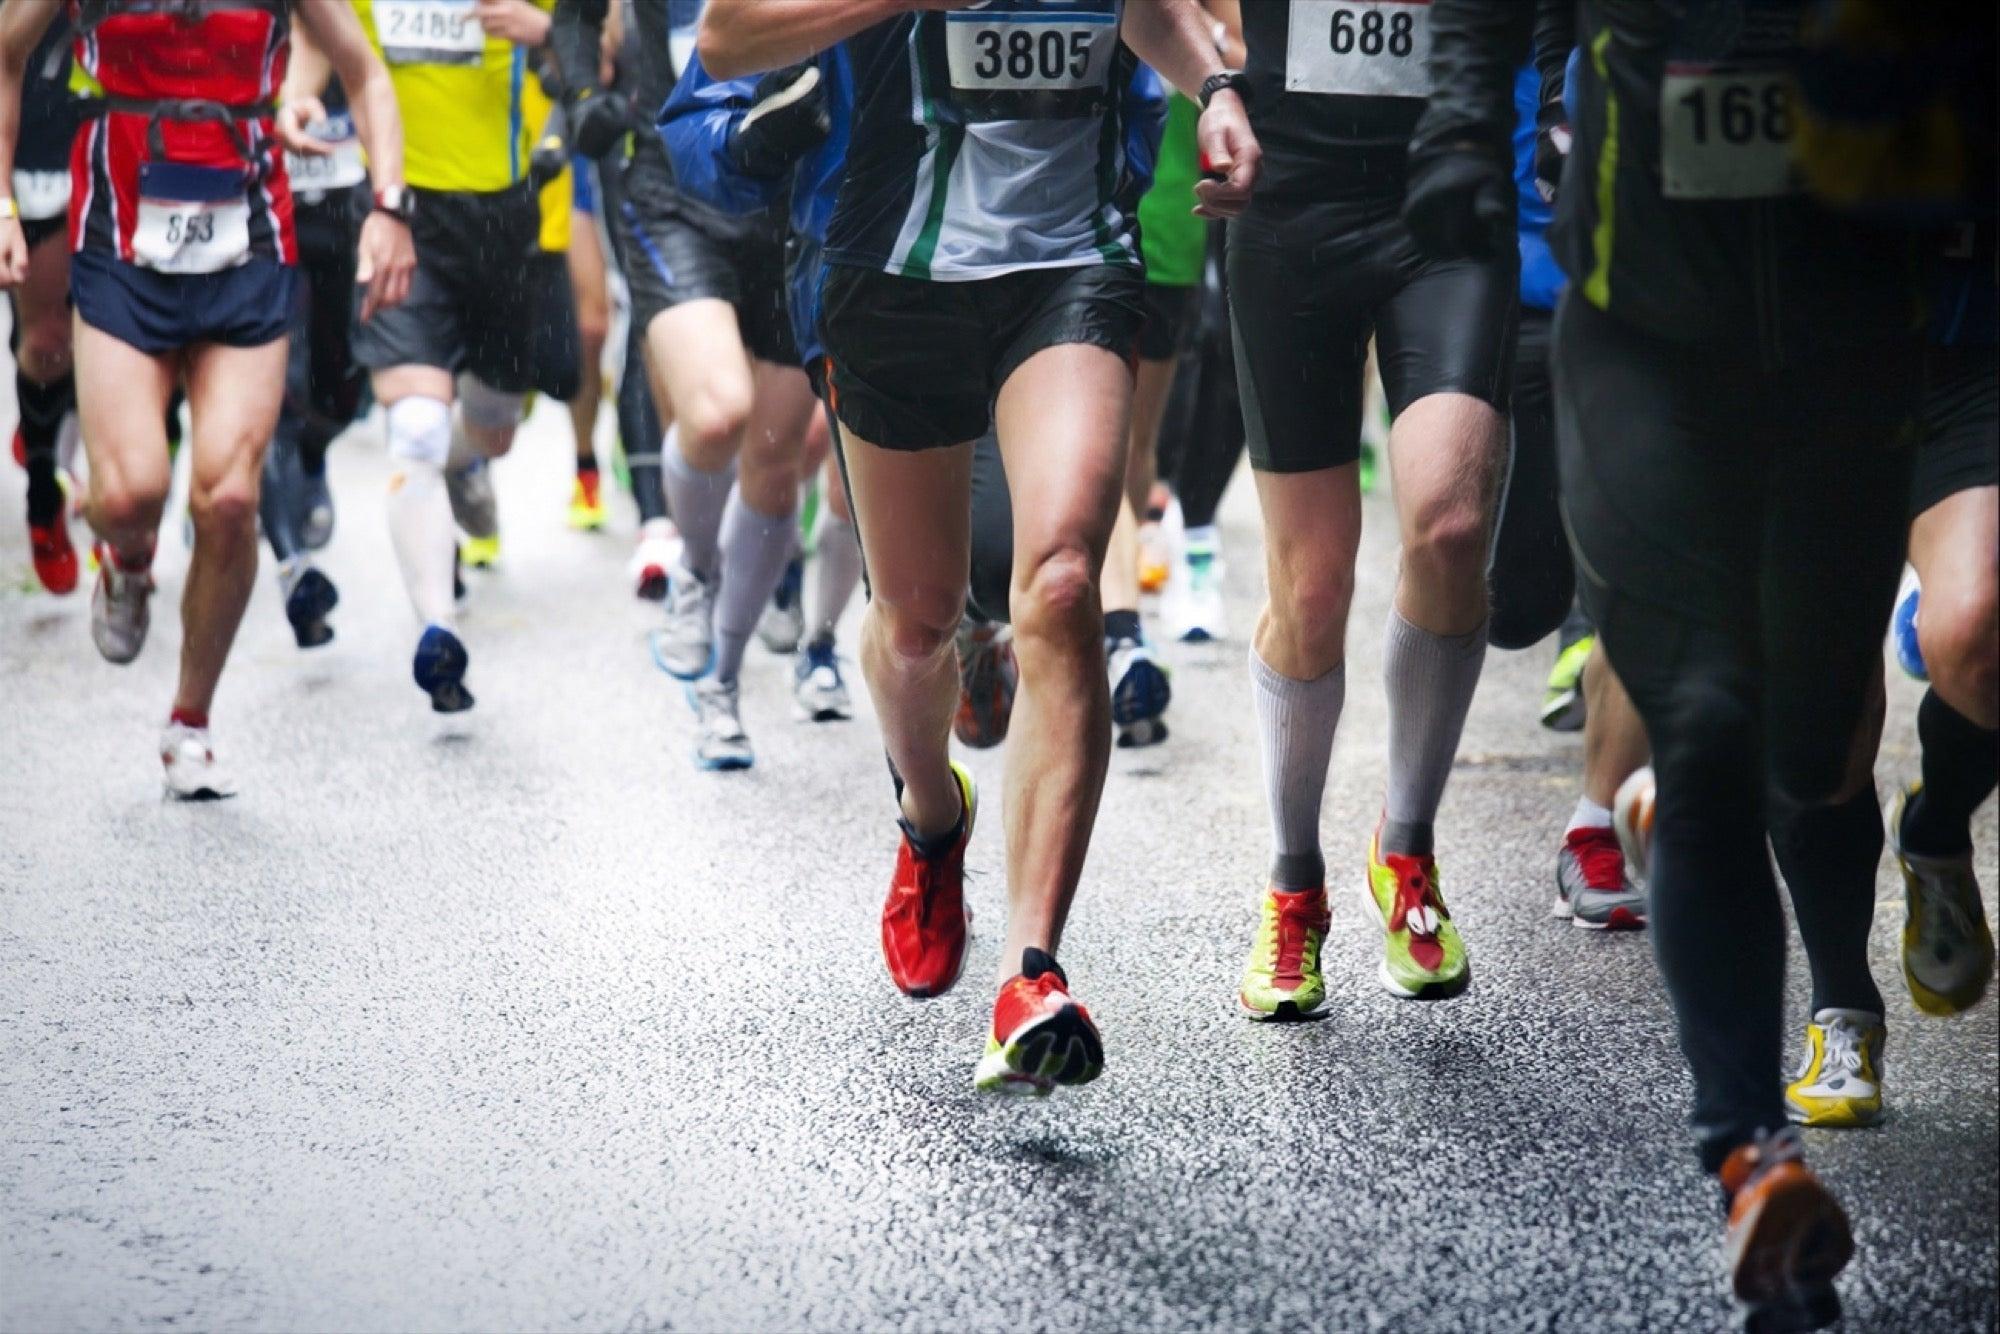 Marathon free videos watch download and enjoy marathon